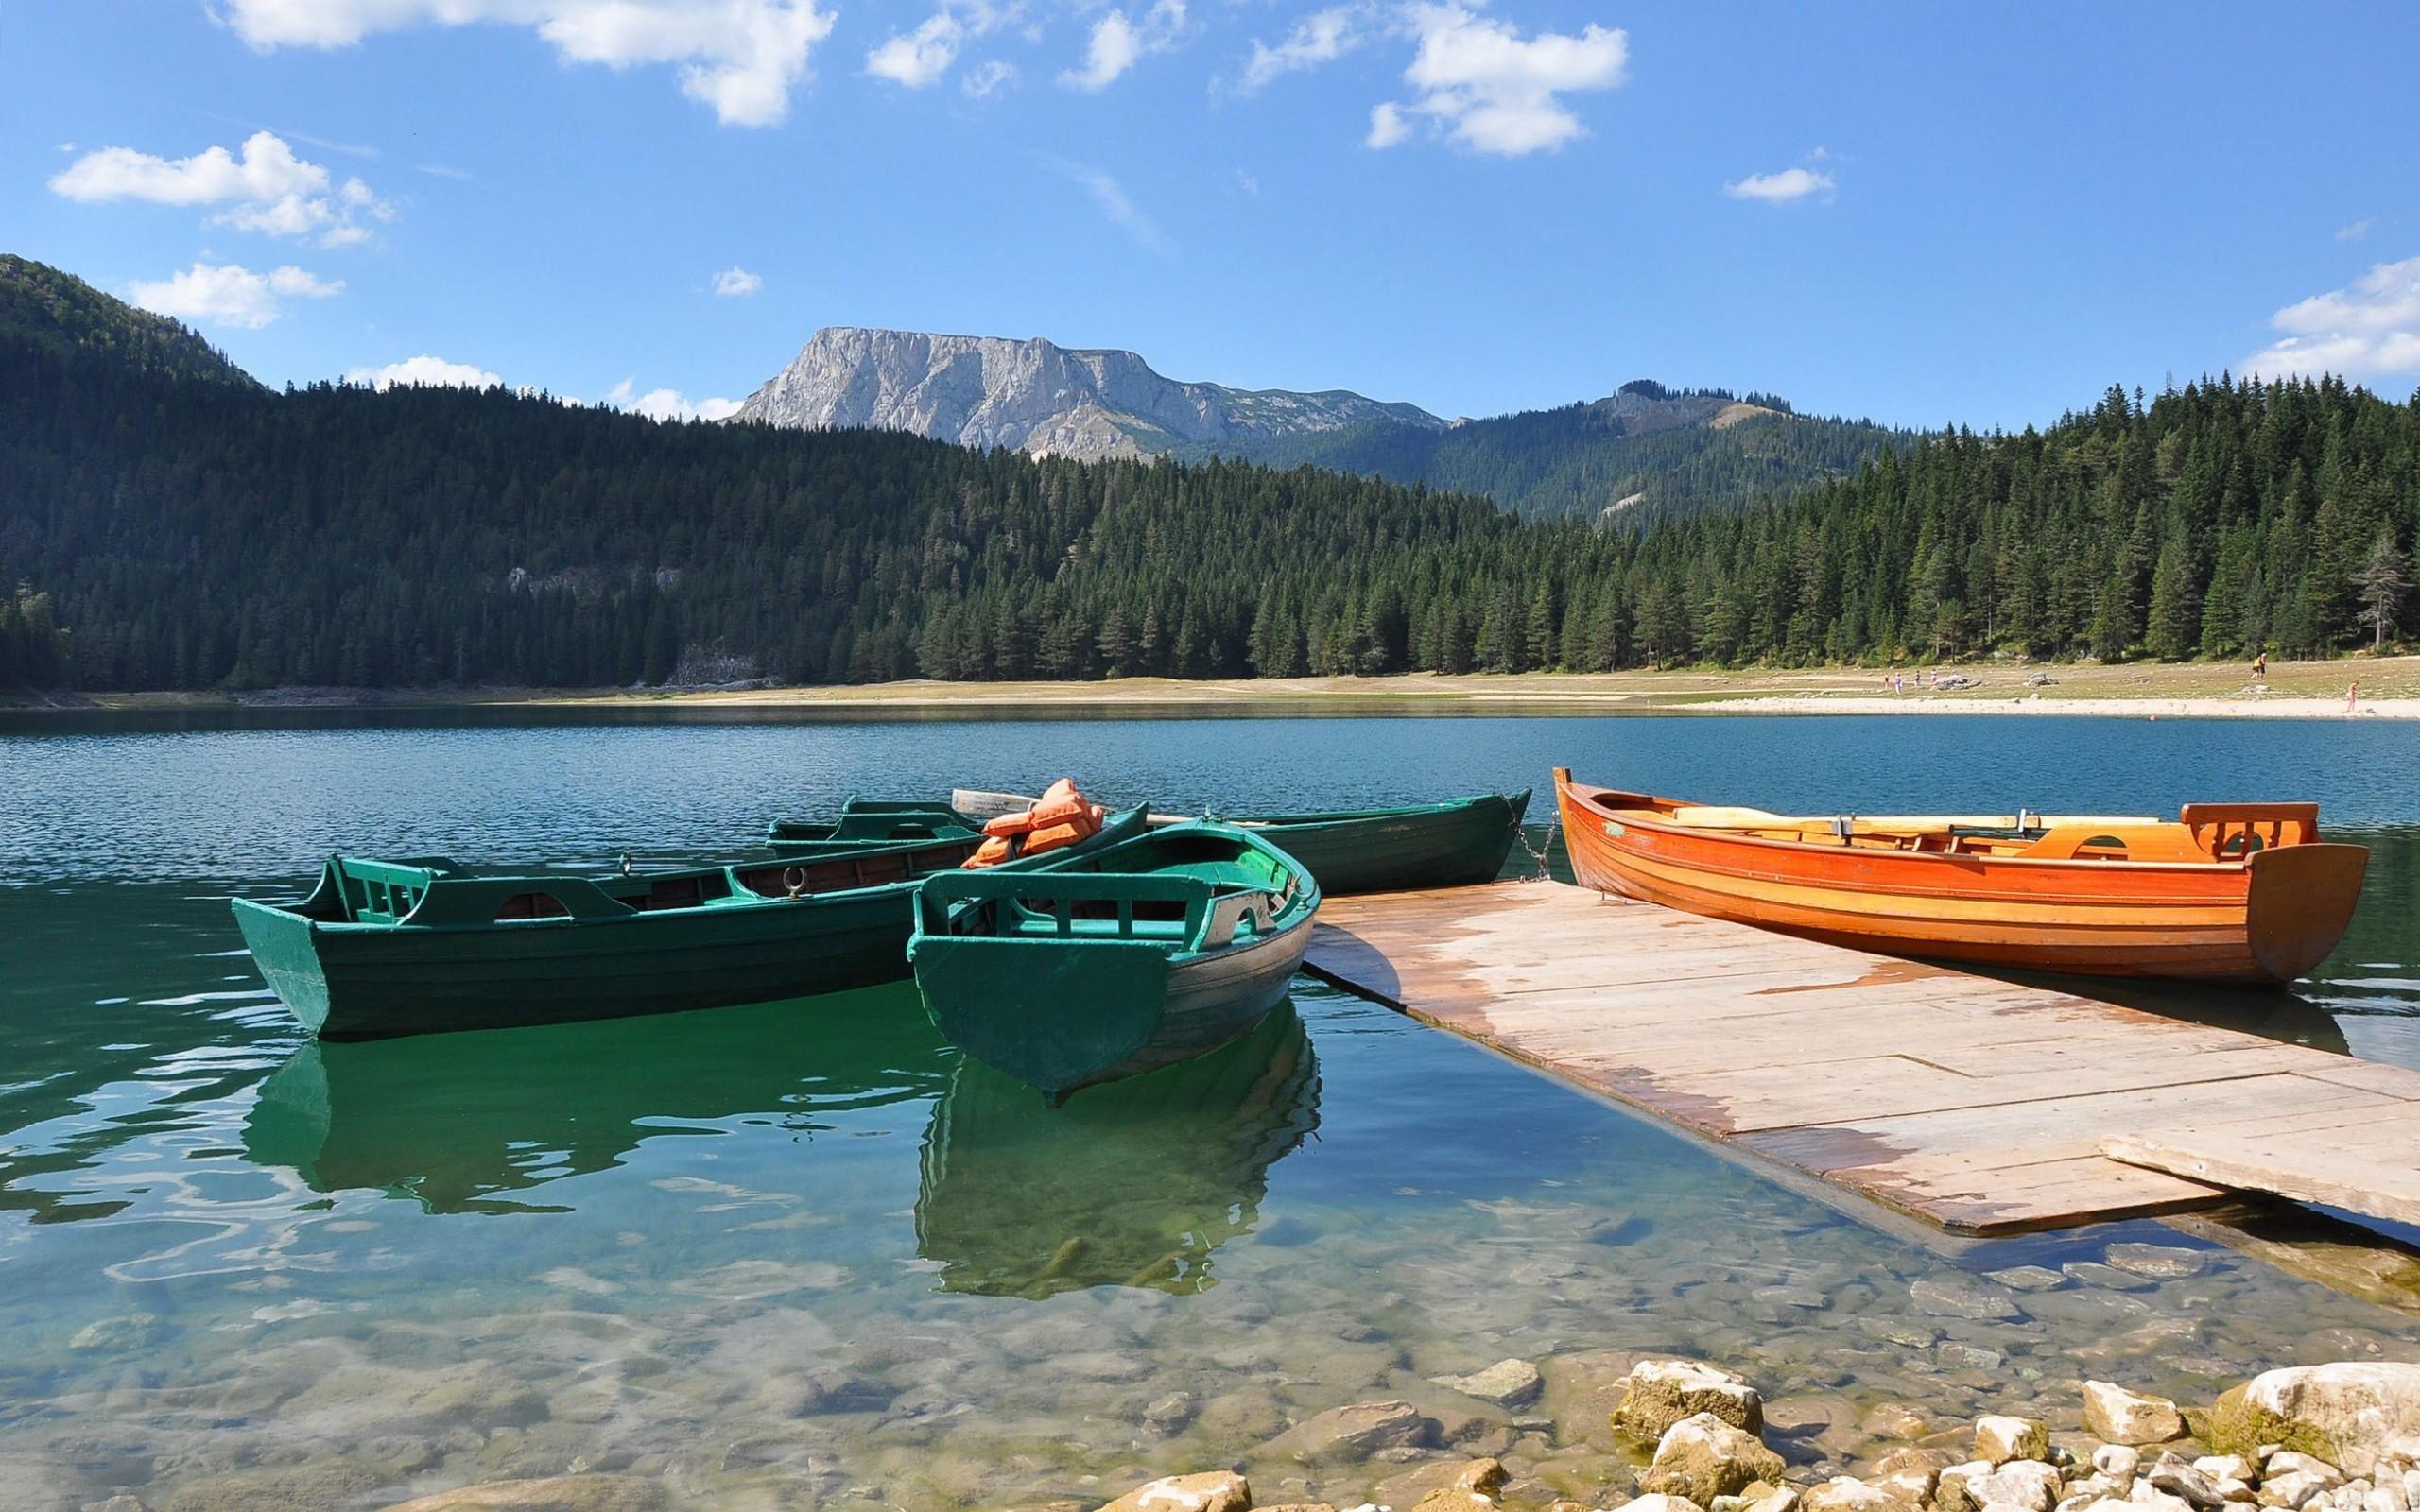 Скачать картинку Транспорт, Пейзаж, Река, Лодки в телефон бесплатно.